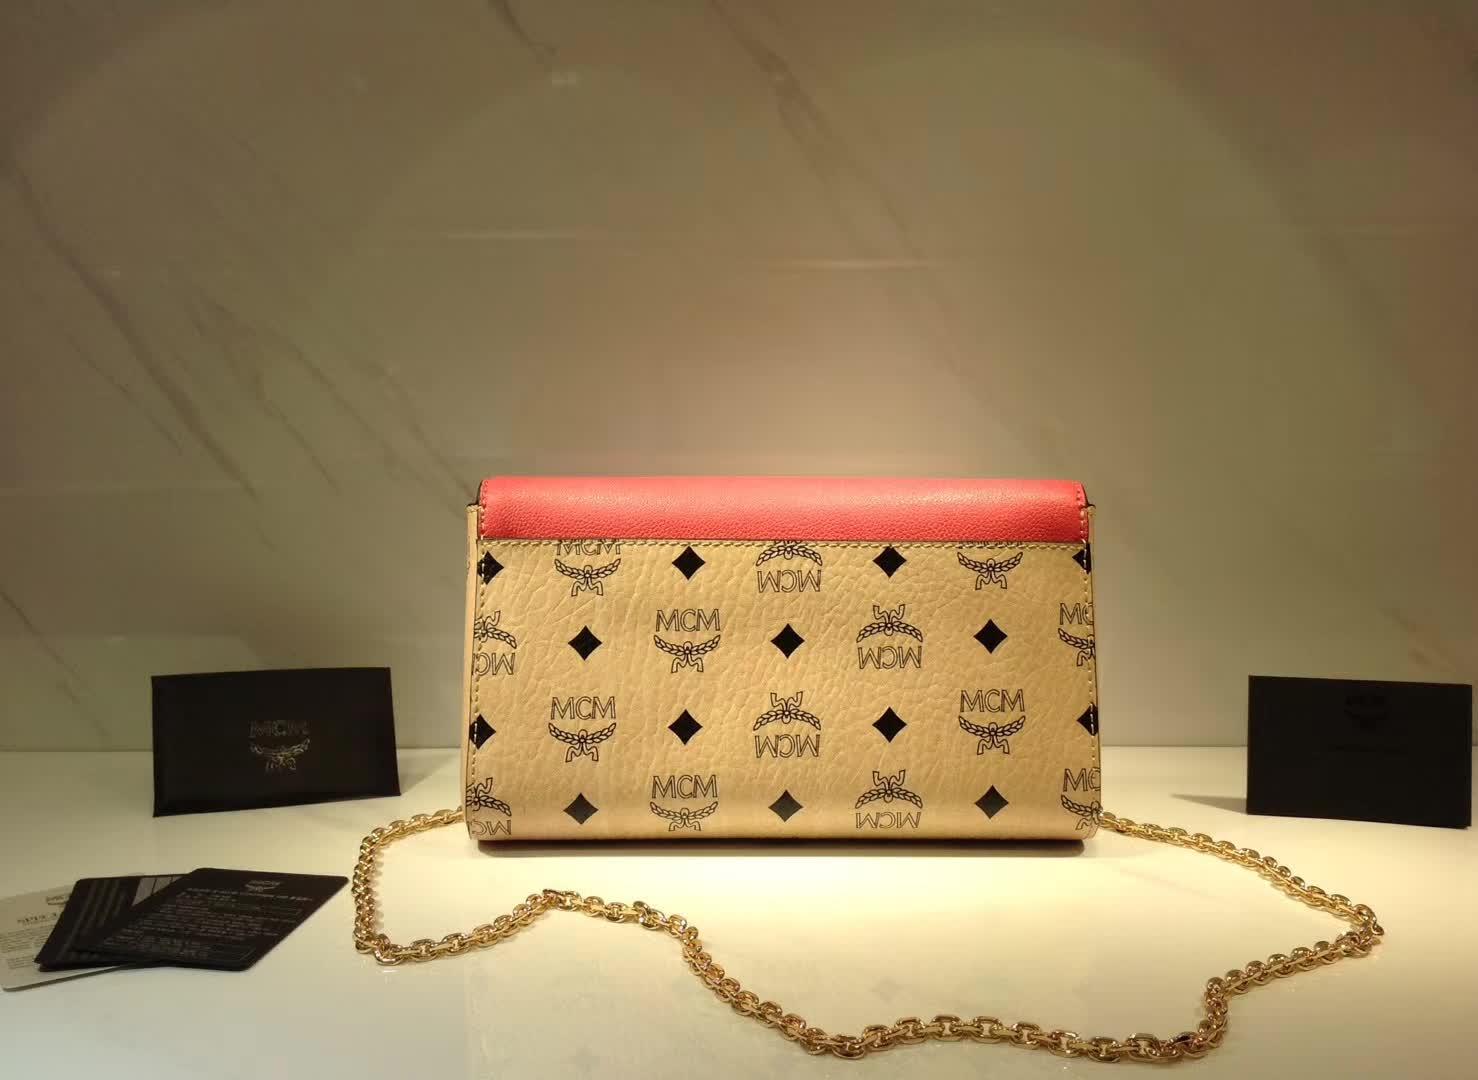 MCM新款 Visetos Patricia手袋斜挎链条包 粗纹进口PVC配原版牛皮 内里细腻绒布 酒红拼米白